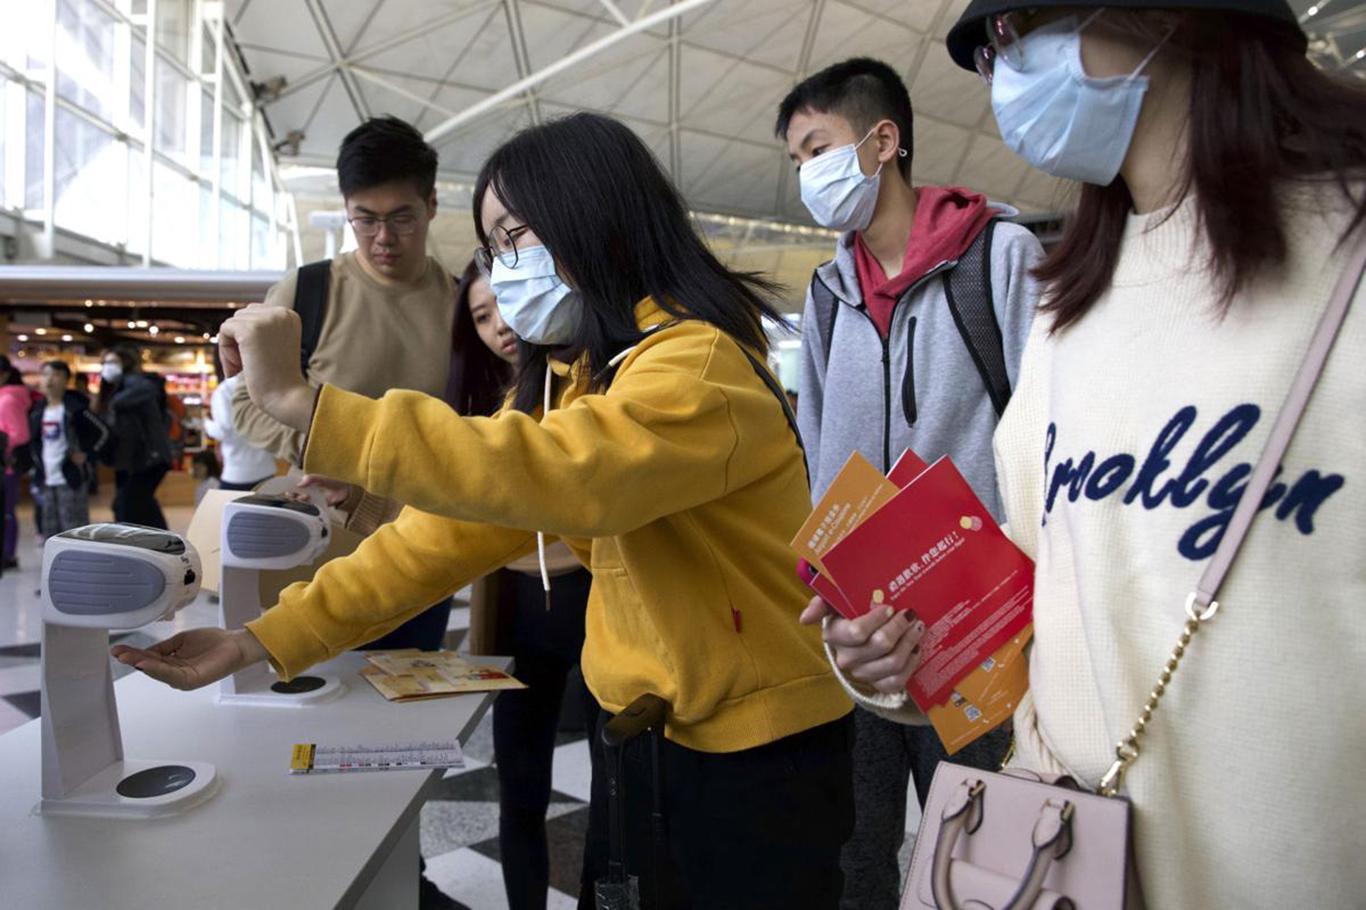 Çinden dünyaya yayılan gizemli virüs ile ilgili hava yolu şirketlerine uyarı